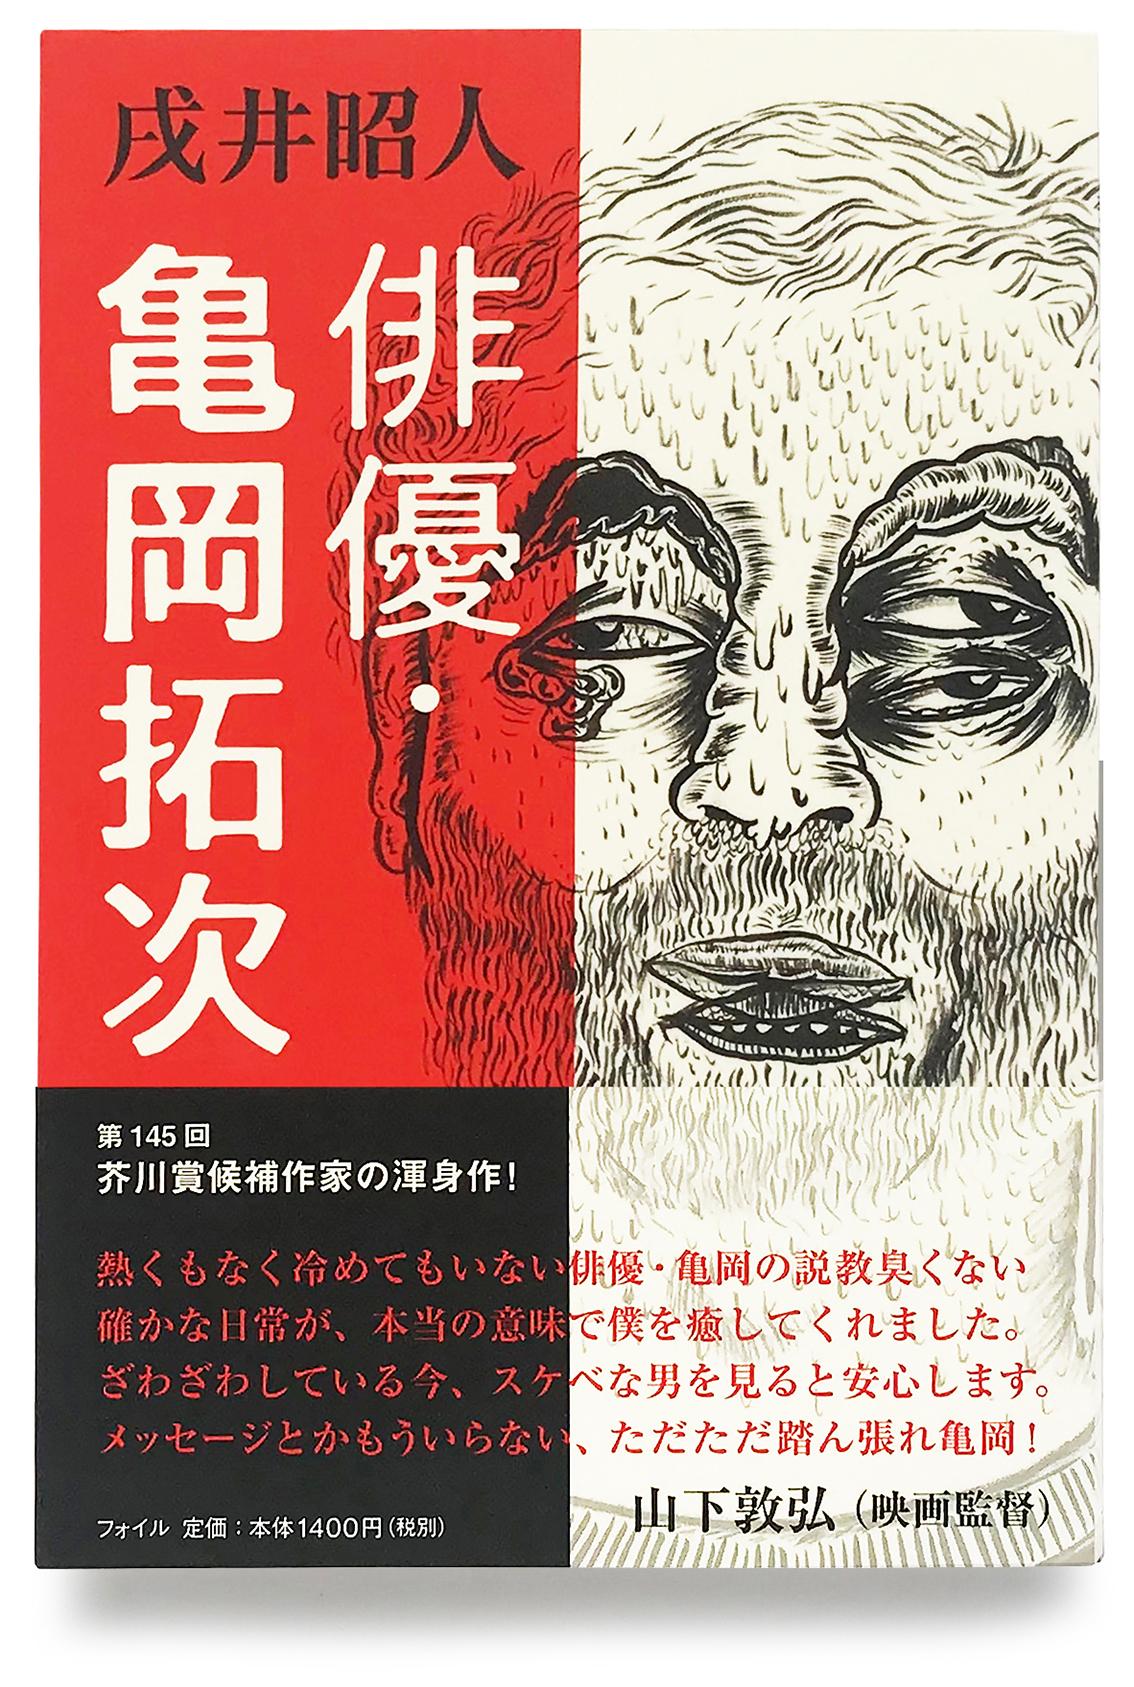 『俳優・亀岡拓次』